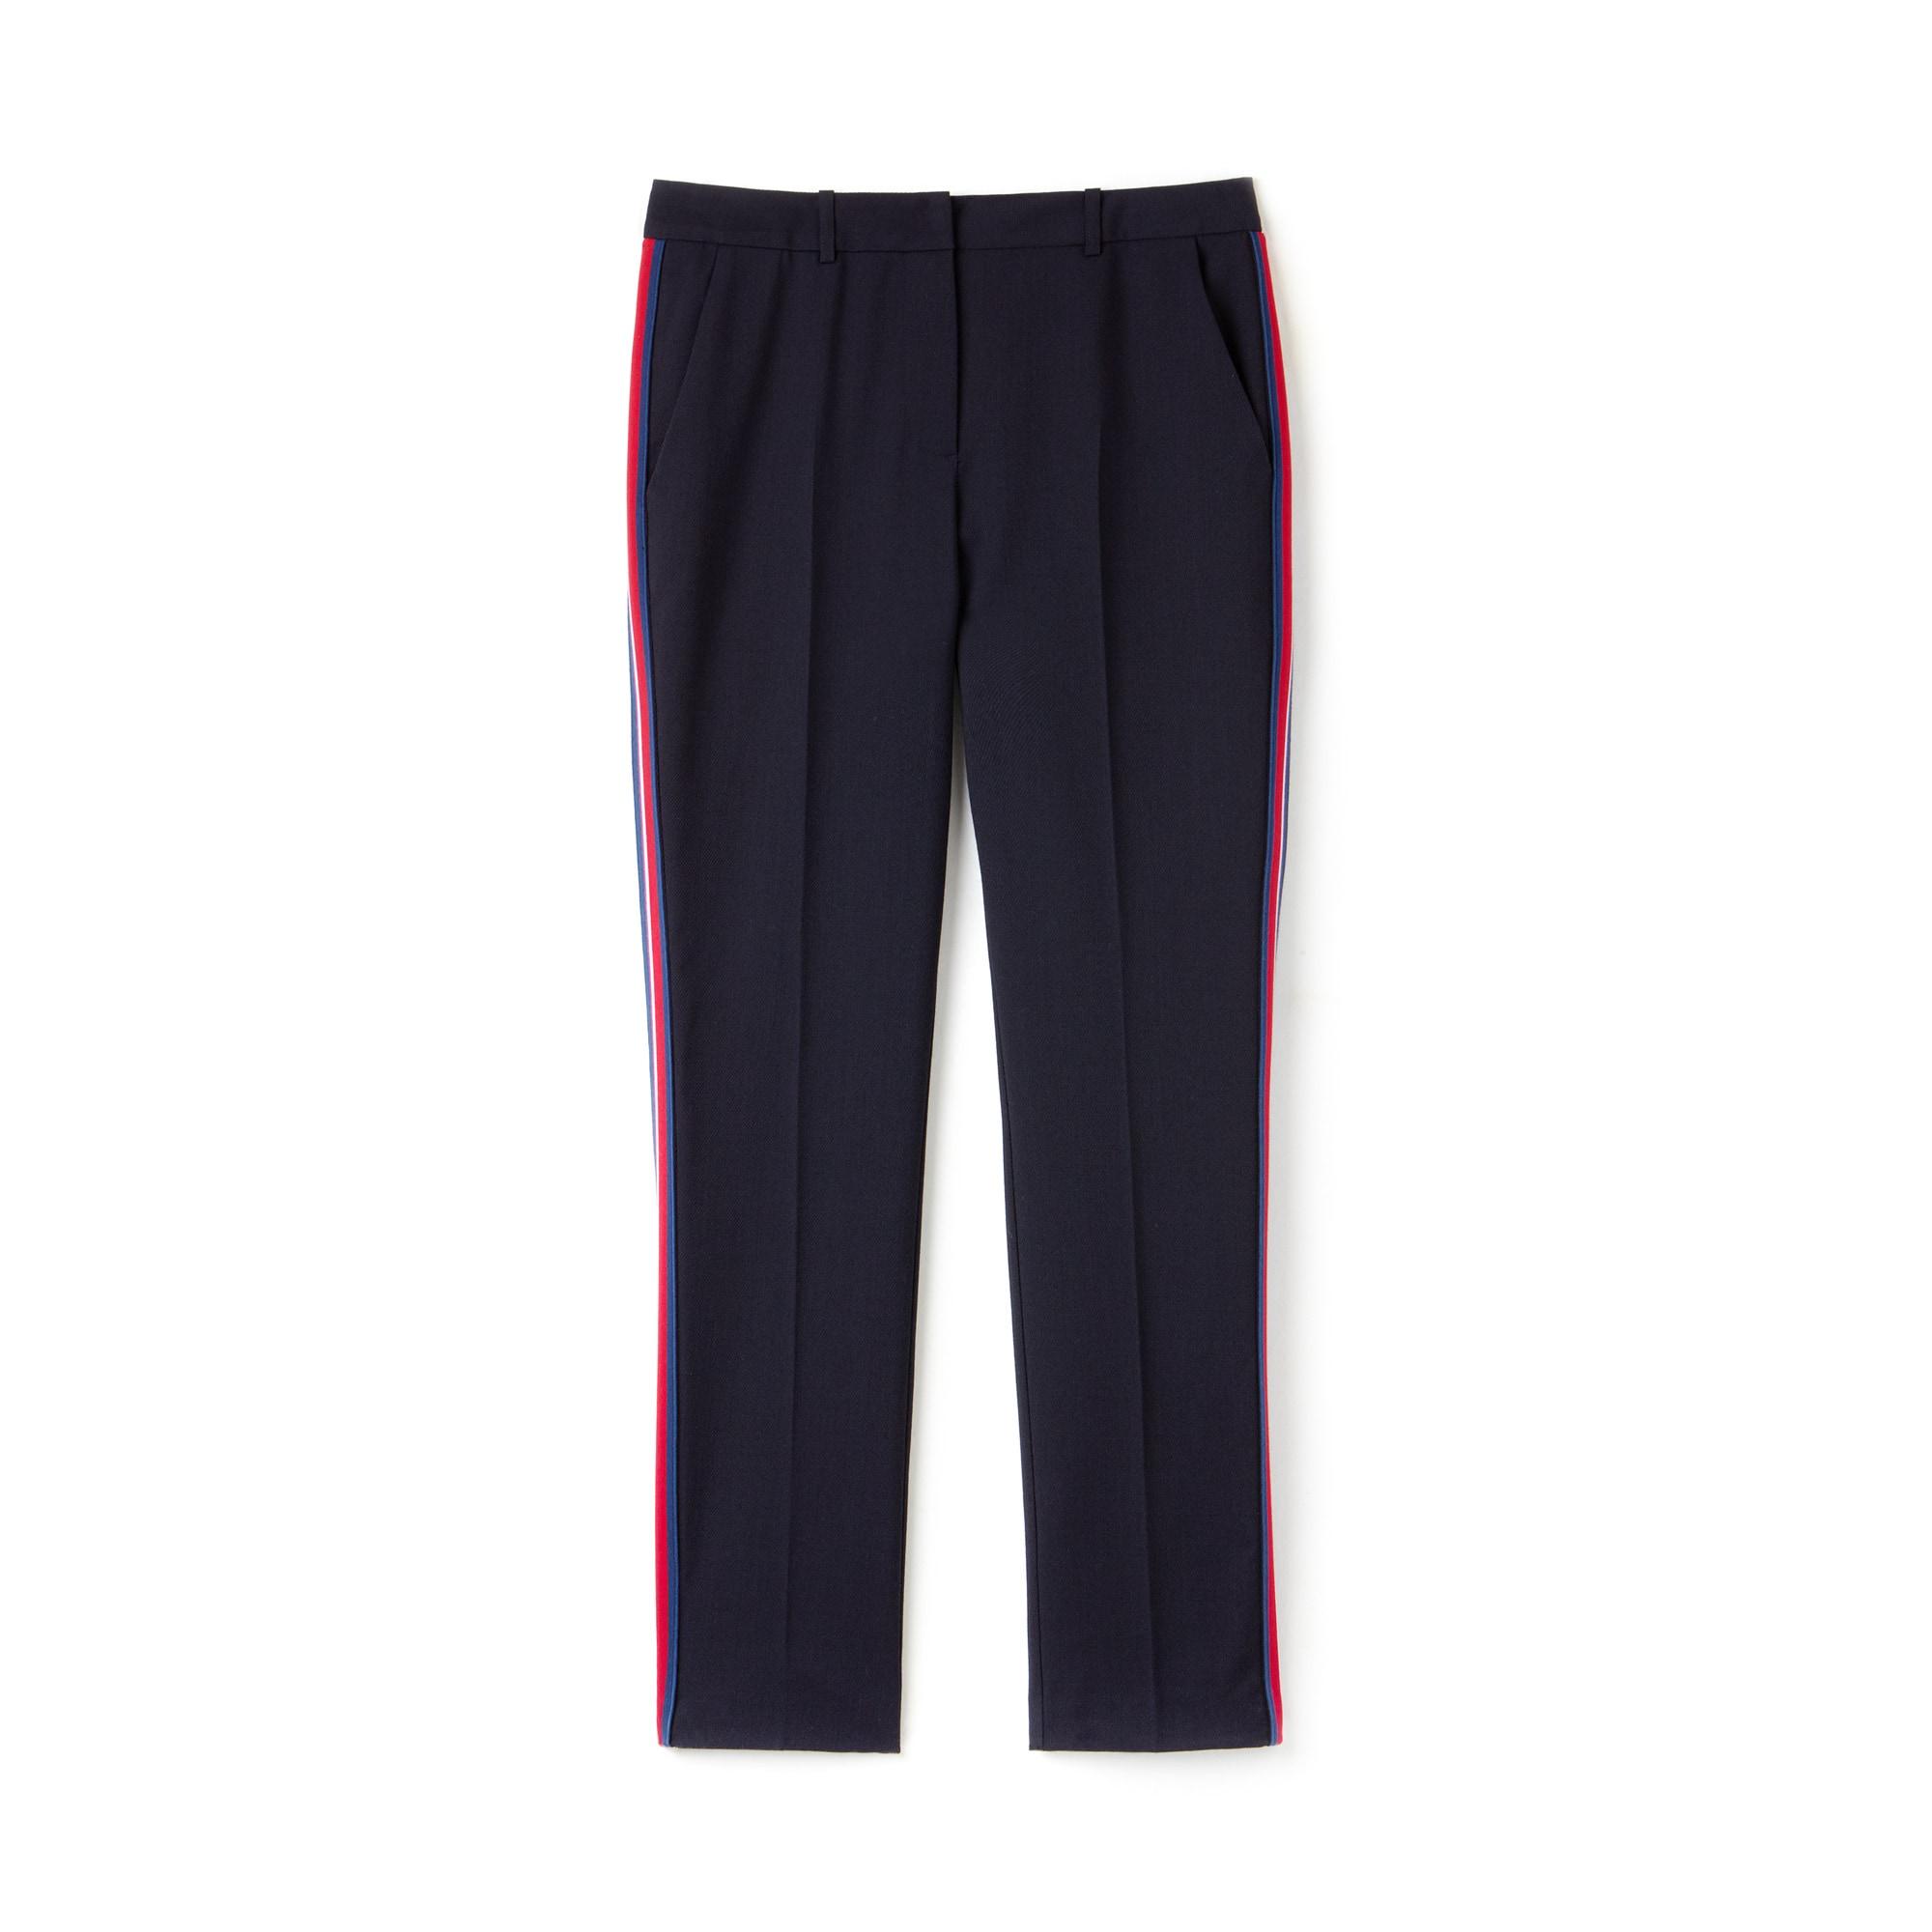 라코스테 Lacoste Womens Slim Fit Side Bands Stretch Wool Pique,Navy Blue